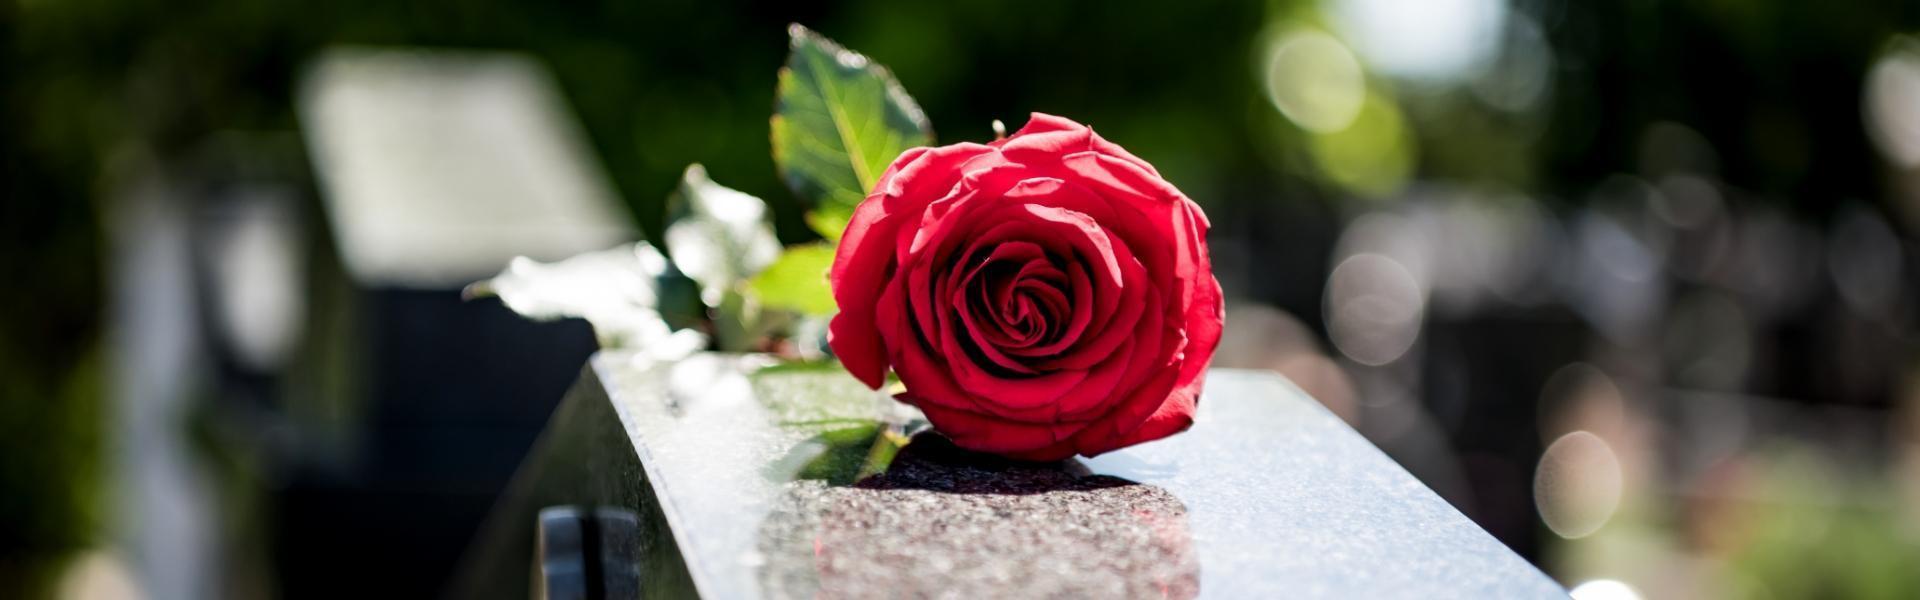 czerwona róża na grobie